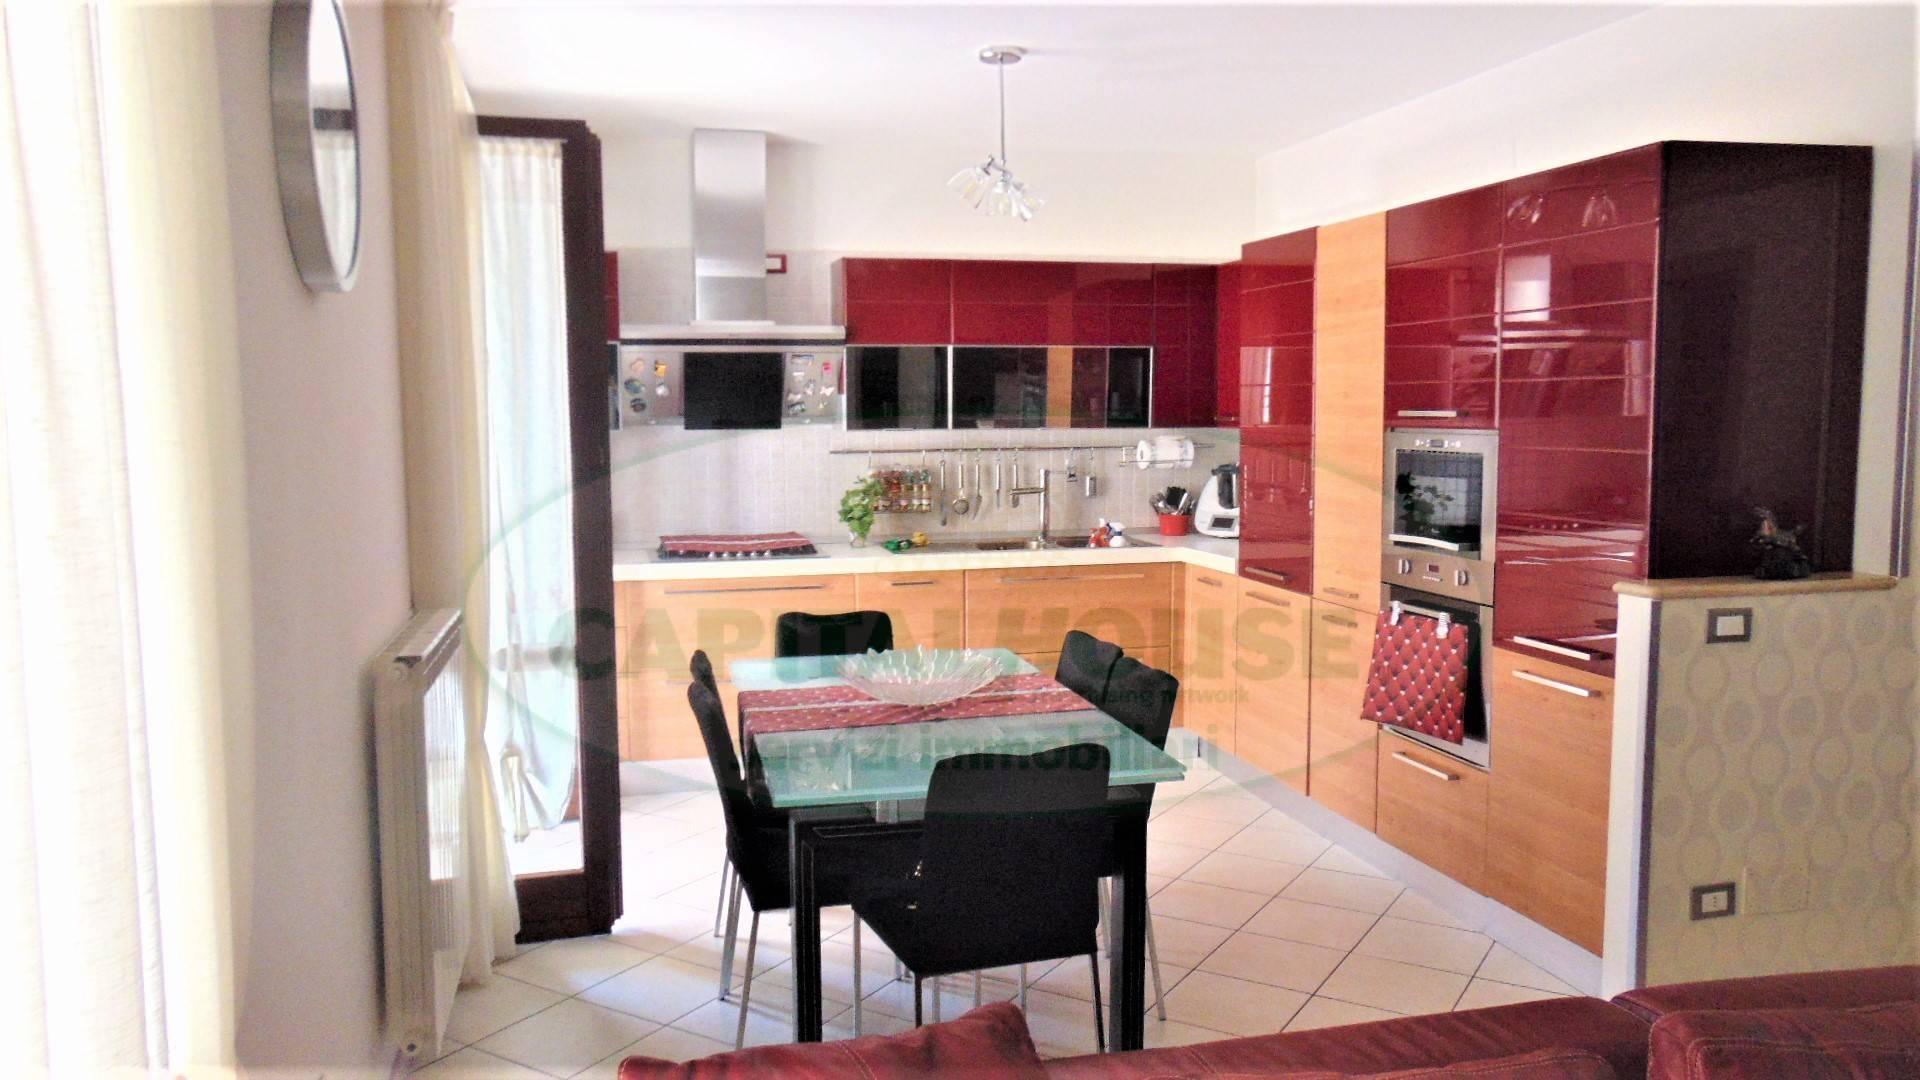 Appartamento in vendita a Sirignano, 4 locali, prezzo € 139.000 | CambioCasa.it